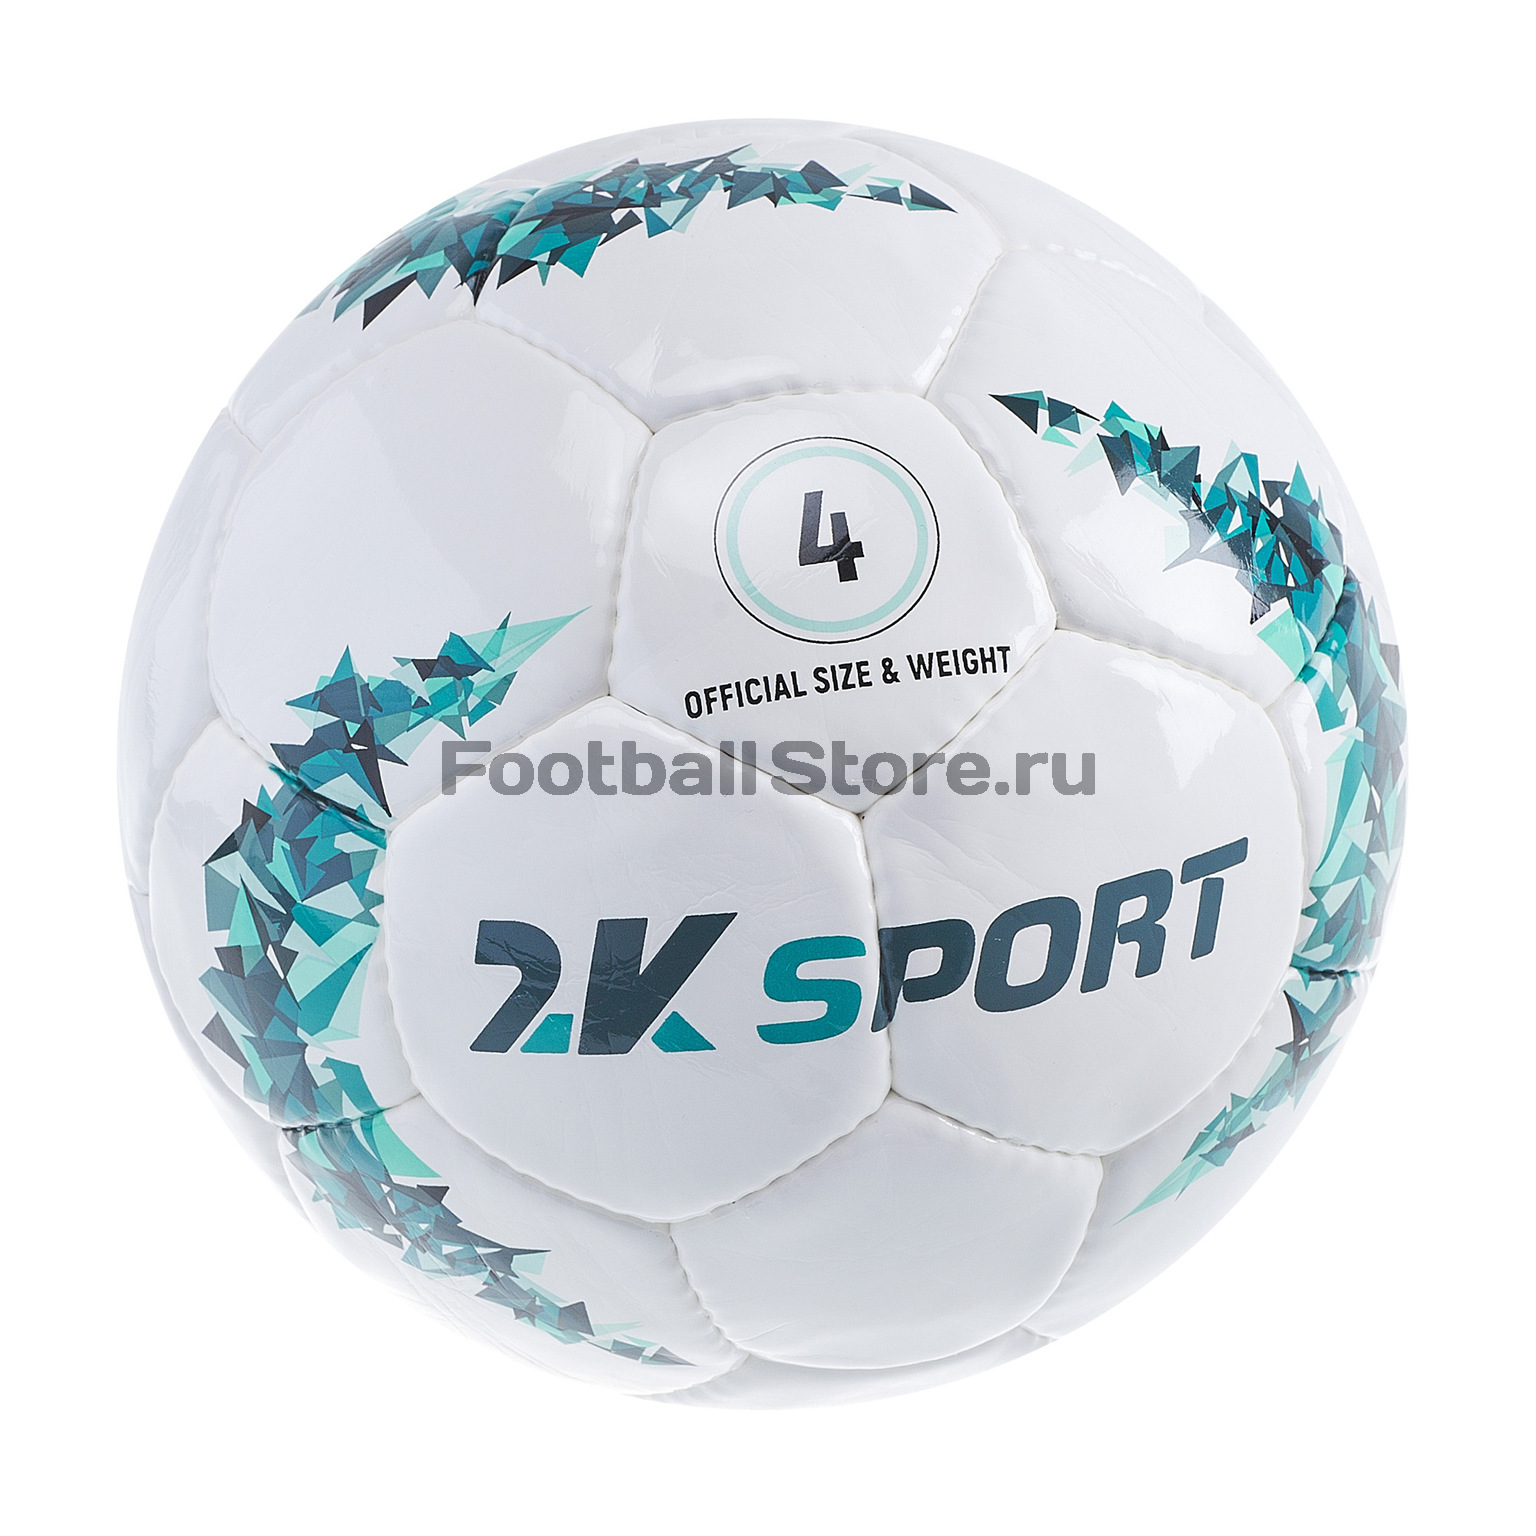 цена на Футбольный мяч 2K Sport Crystal Prime 127087